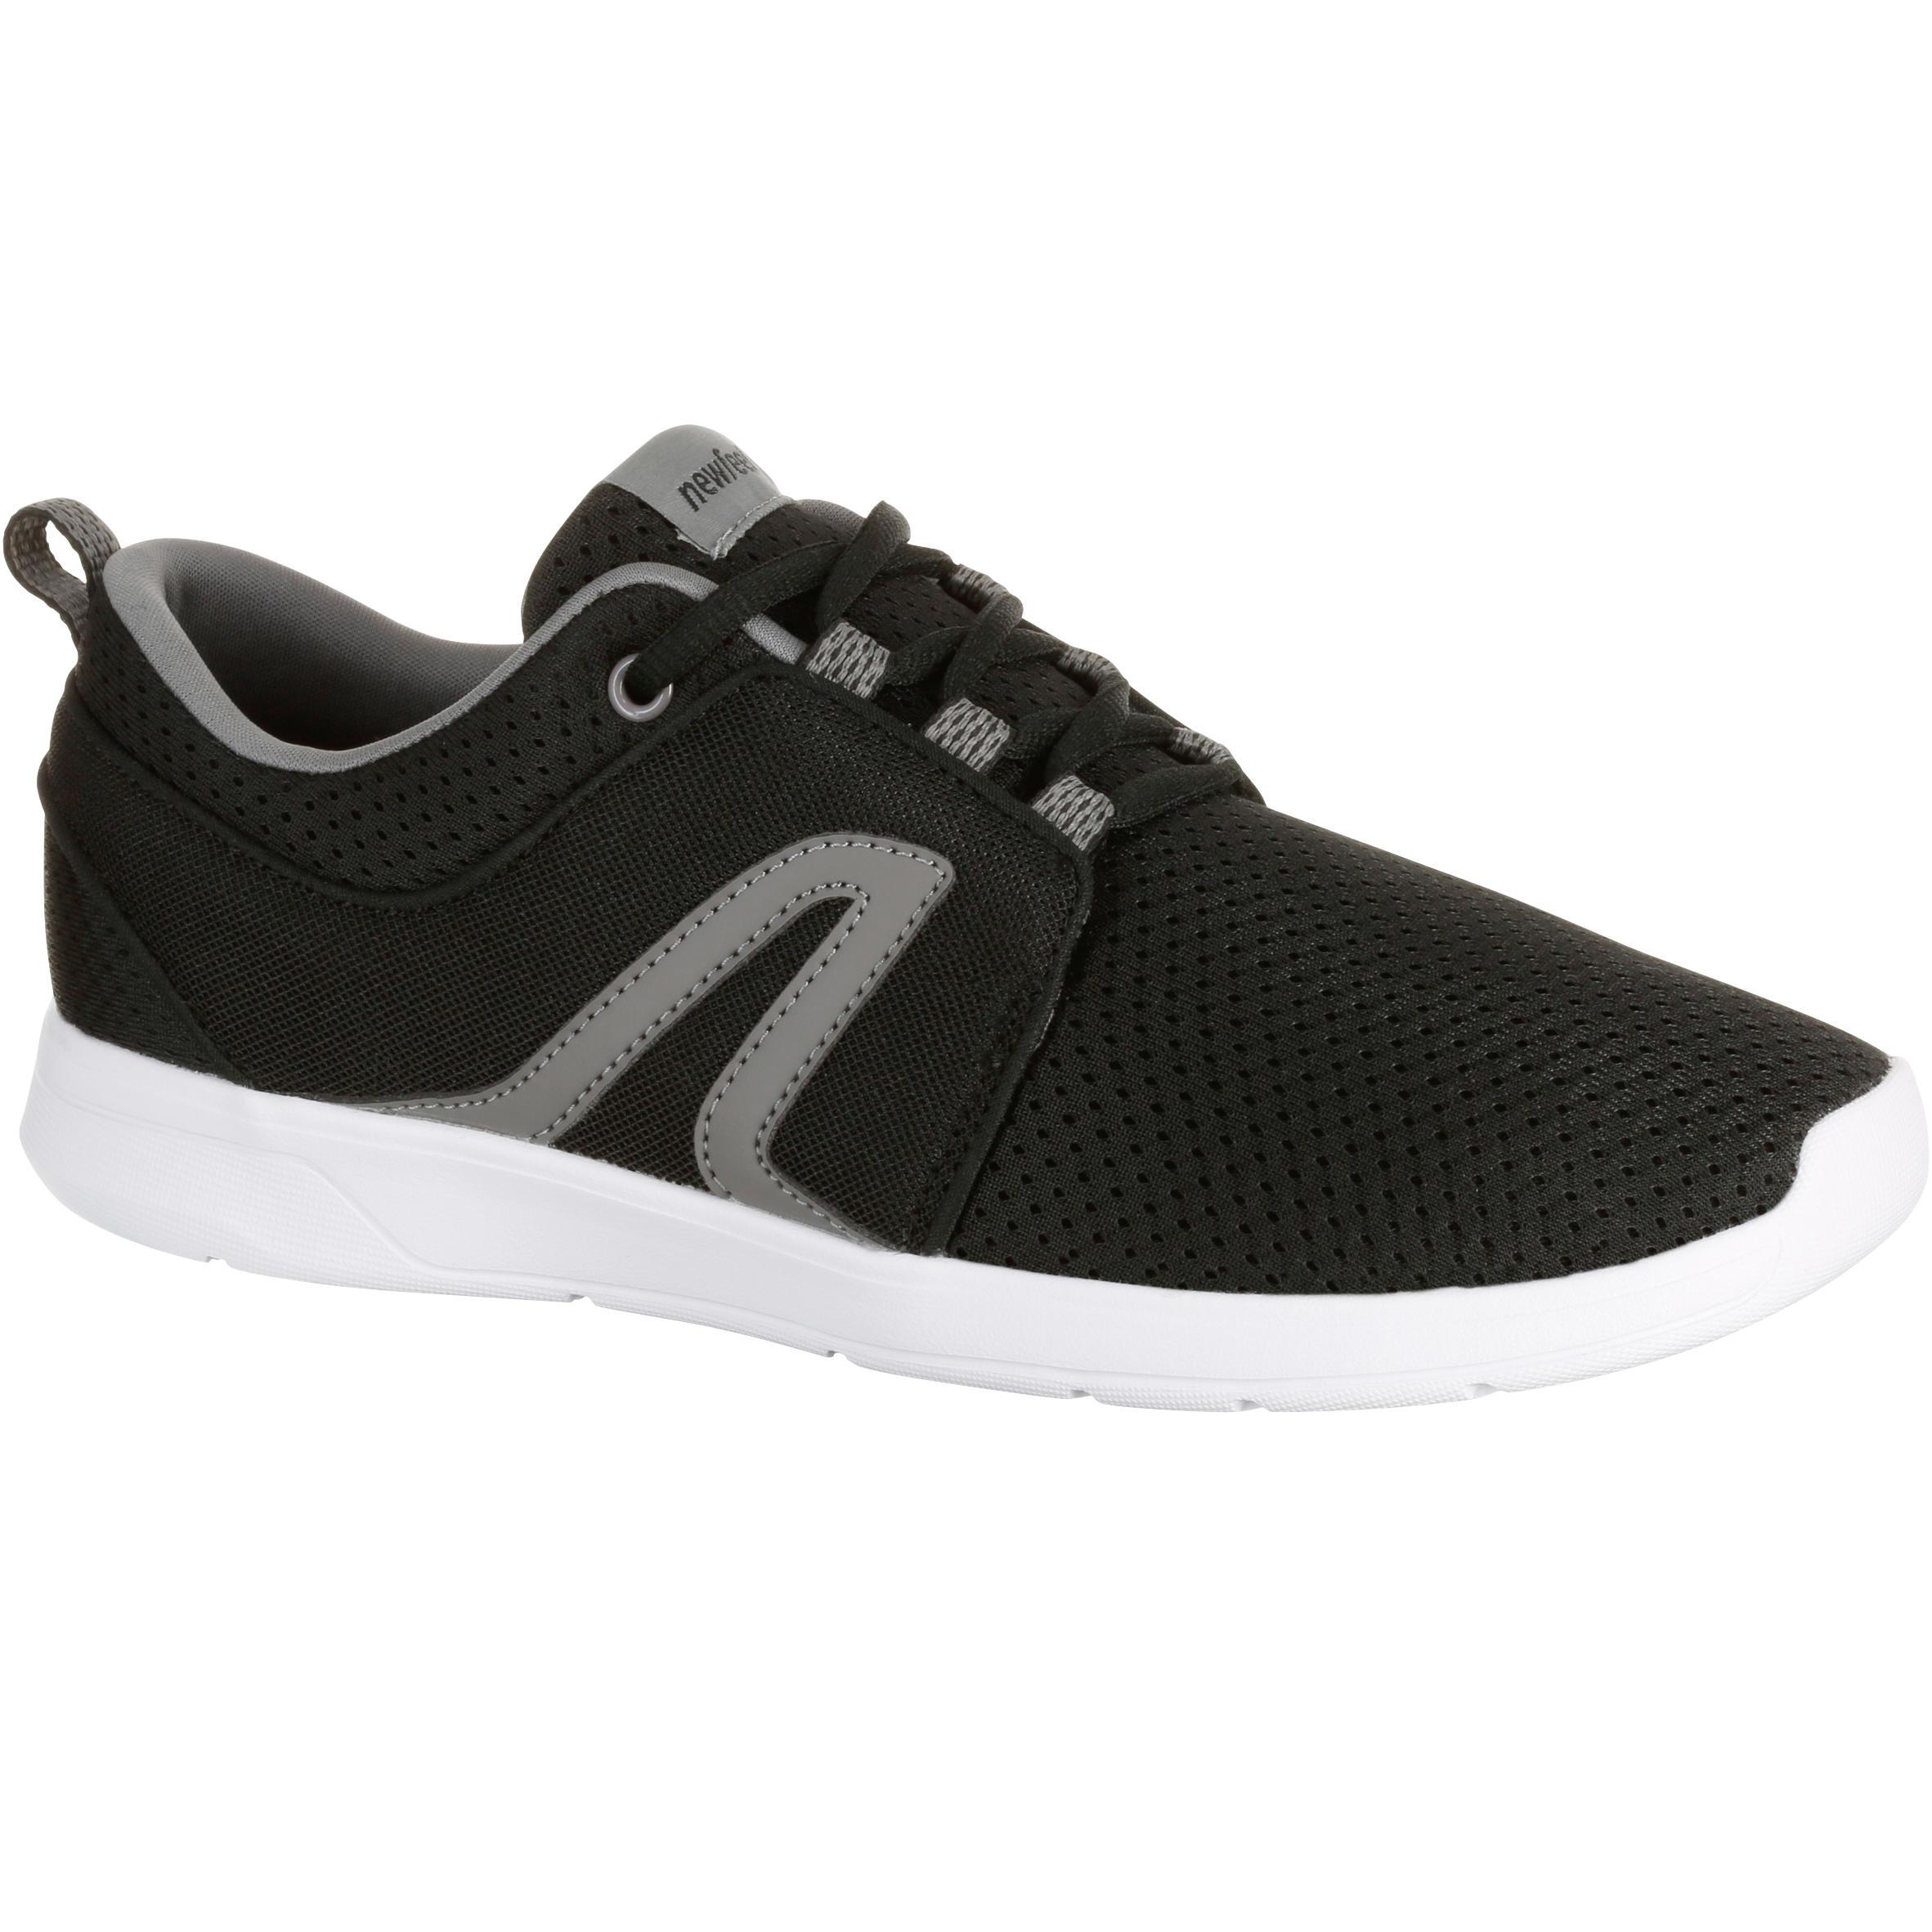 Walkingschuhe Soft 140 Mesh Damen   Schuhe > Sportschuhe > Walkingschuhe   Newfeel